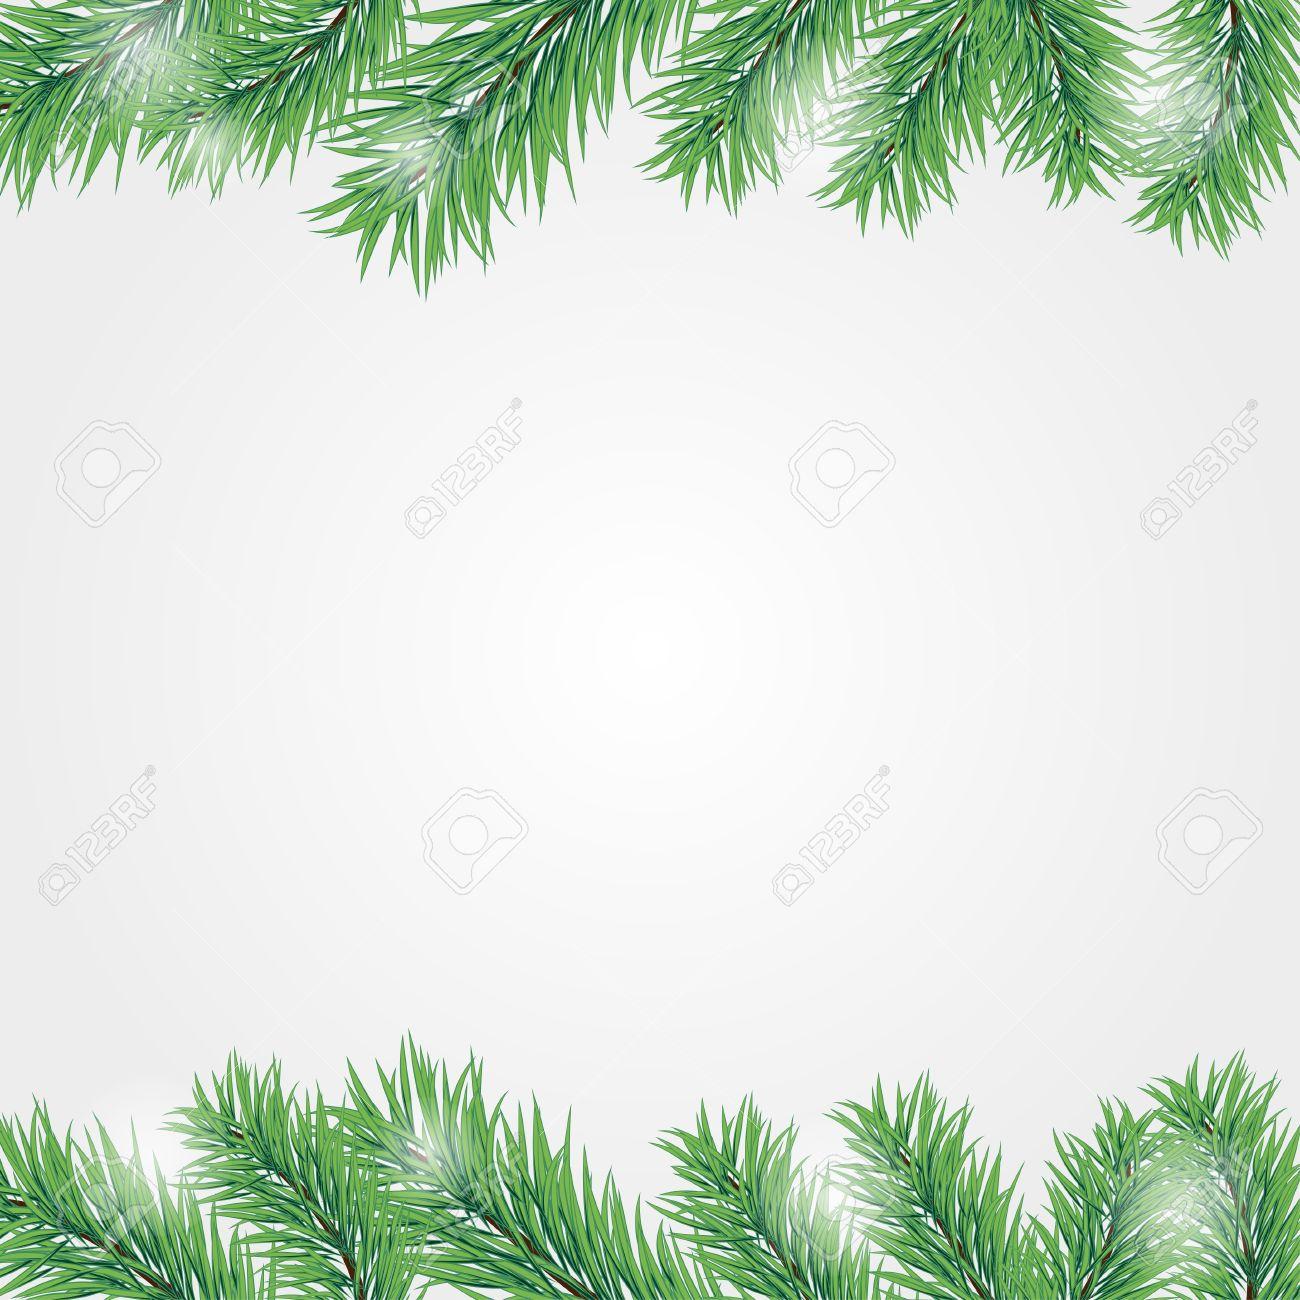 Groß Metallrahmen Weihnachtsbaum Ideen - Benutzerdefinierte ...